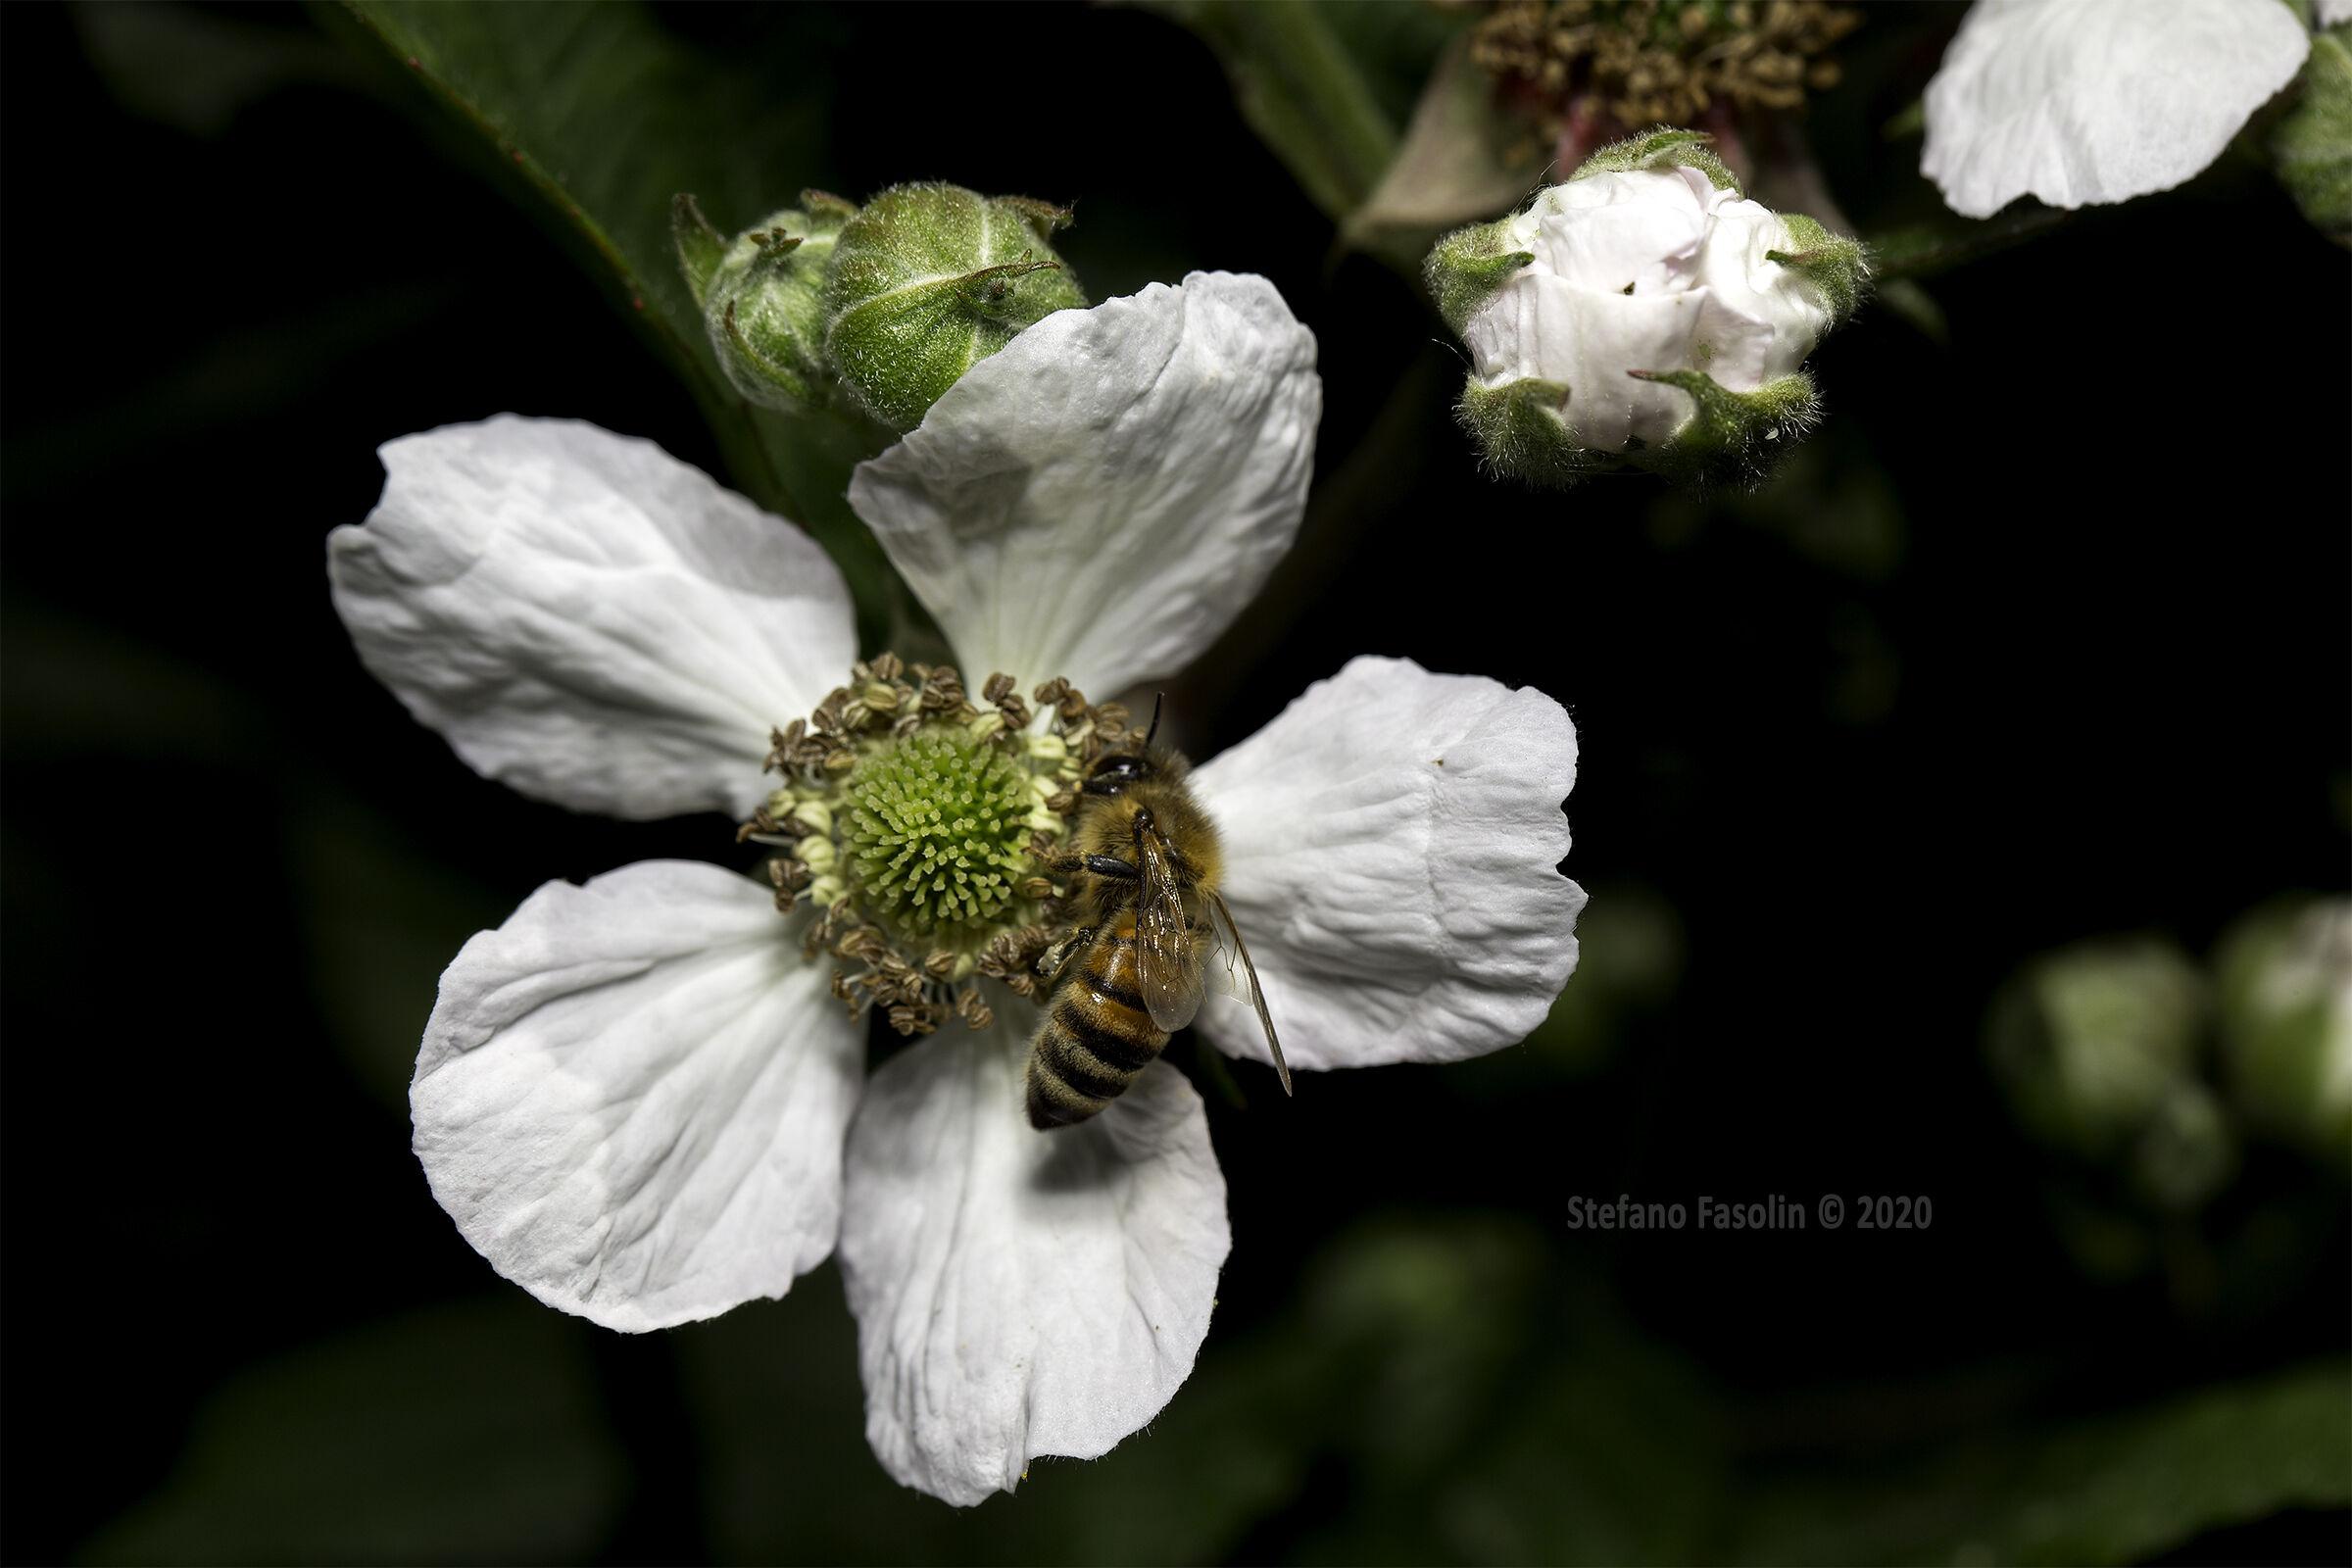 On blackberry flowers v.3...